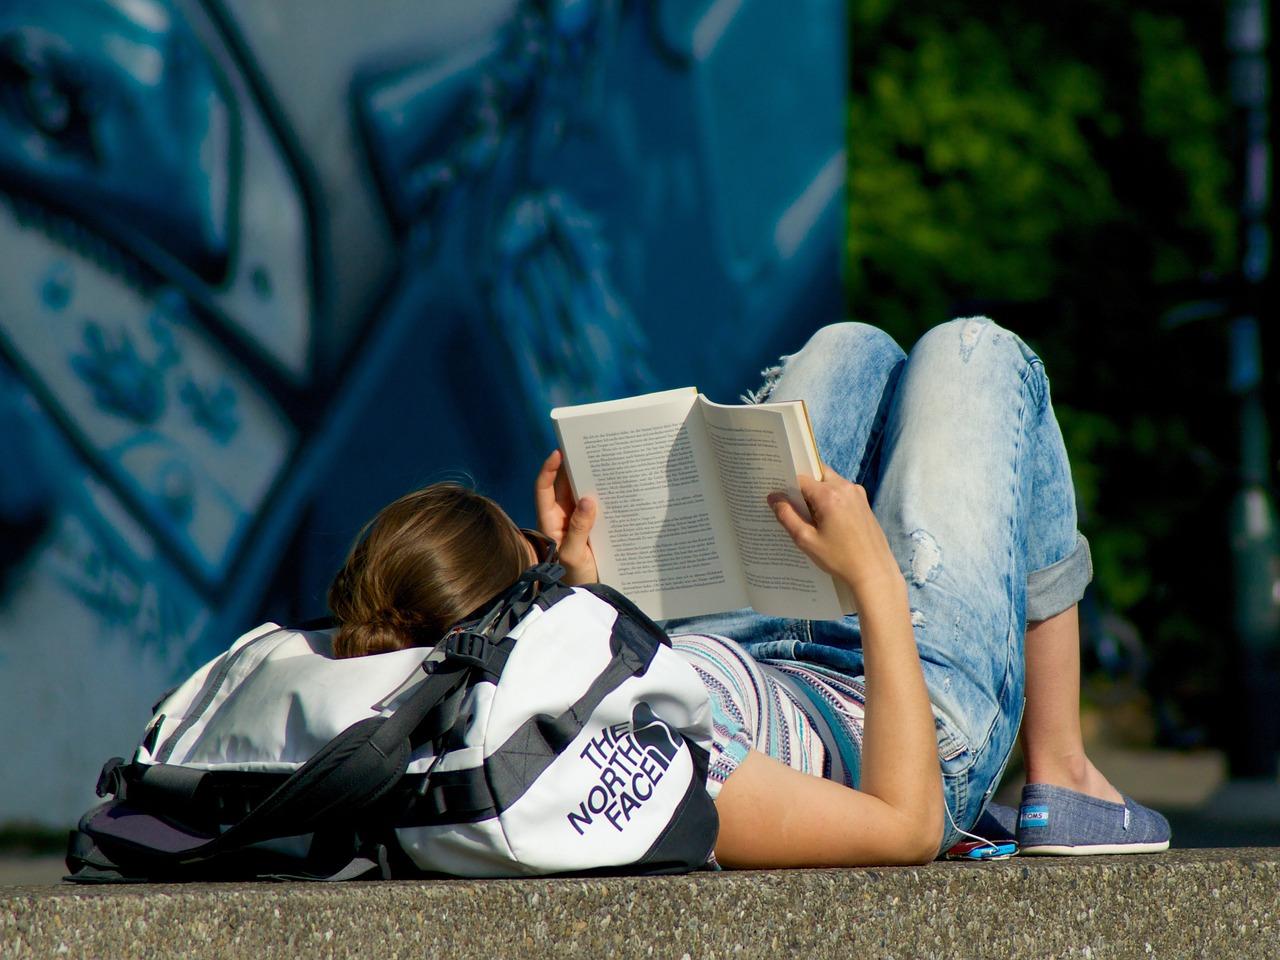 Wzrost czytelnictwa nastoletnich dziewcząt